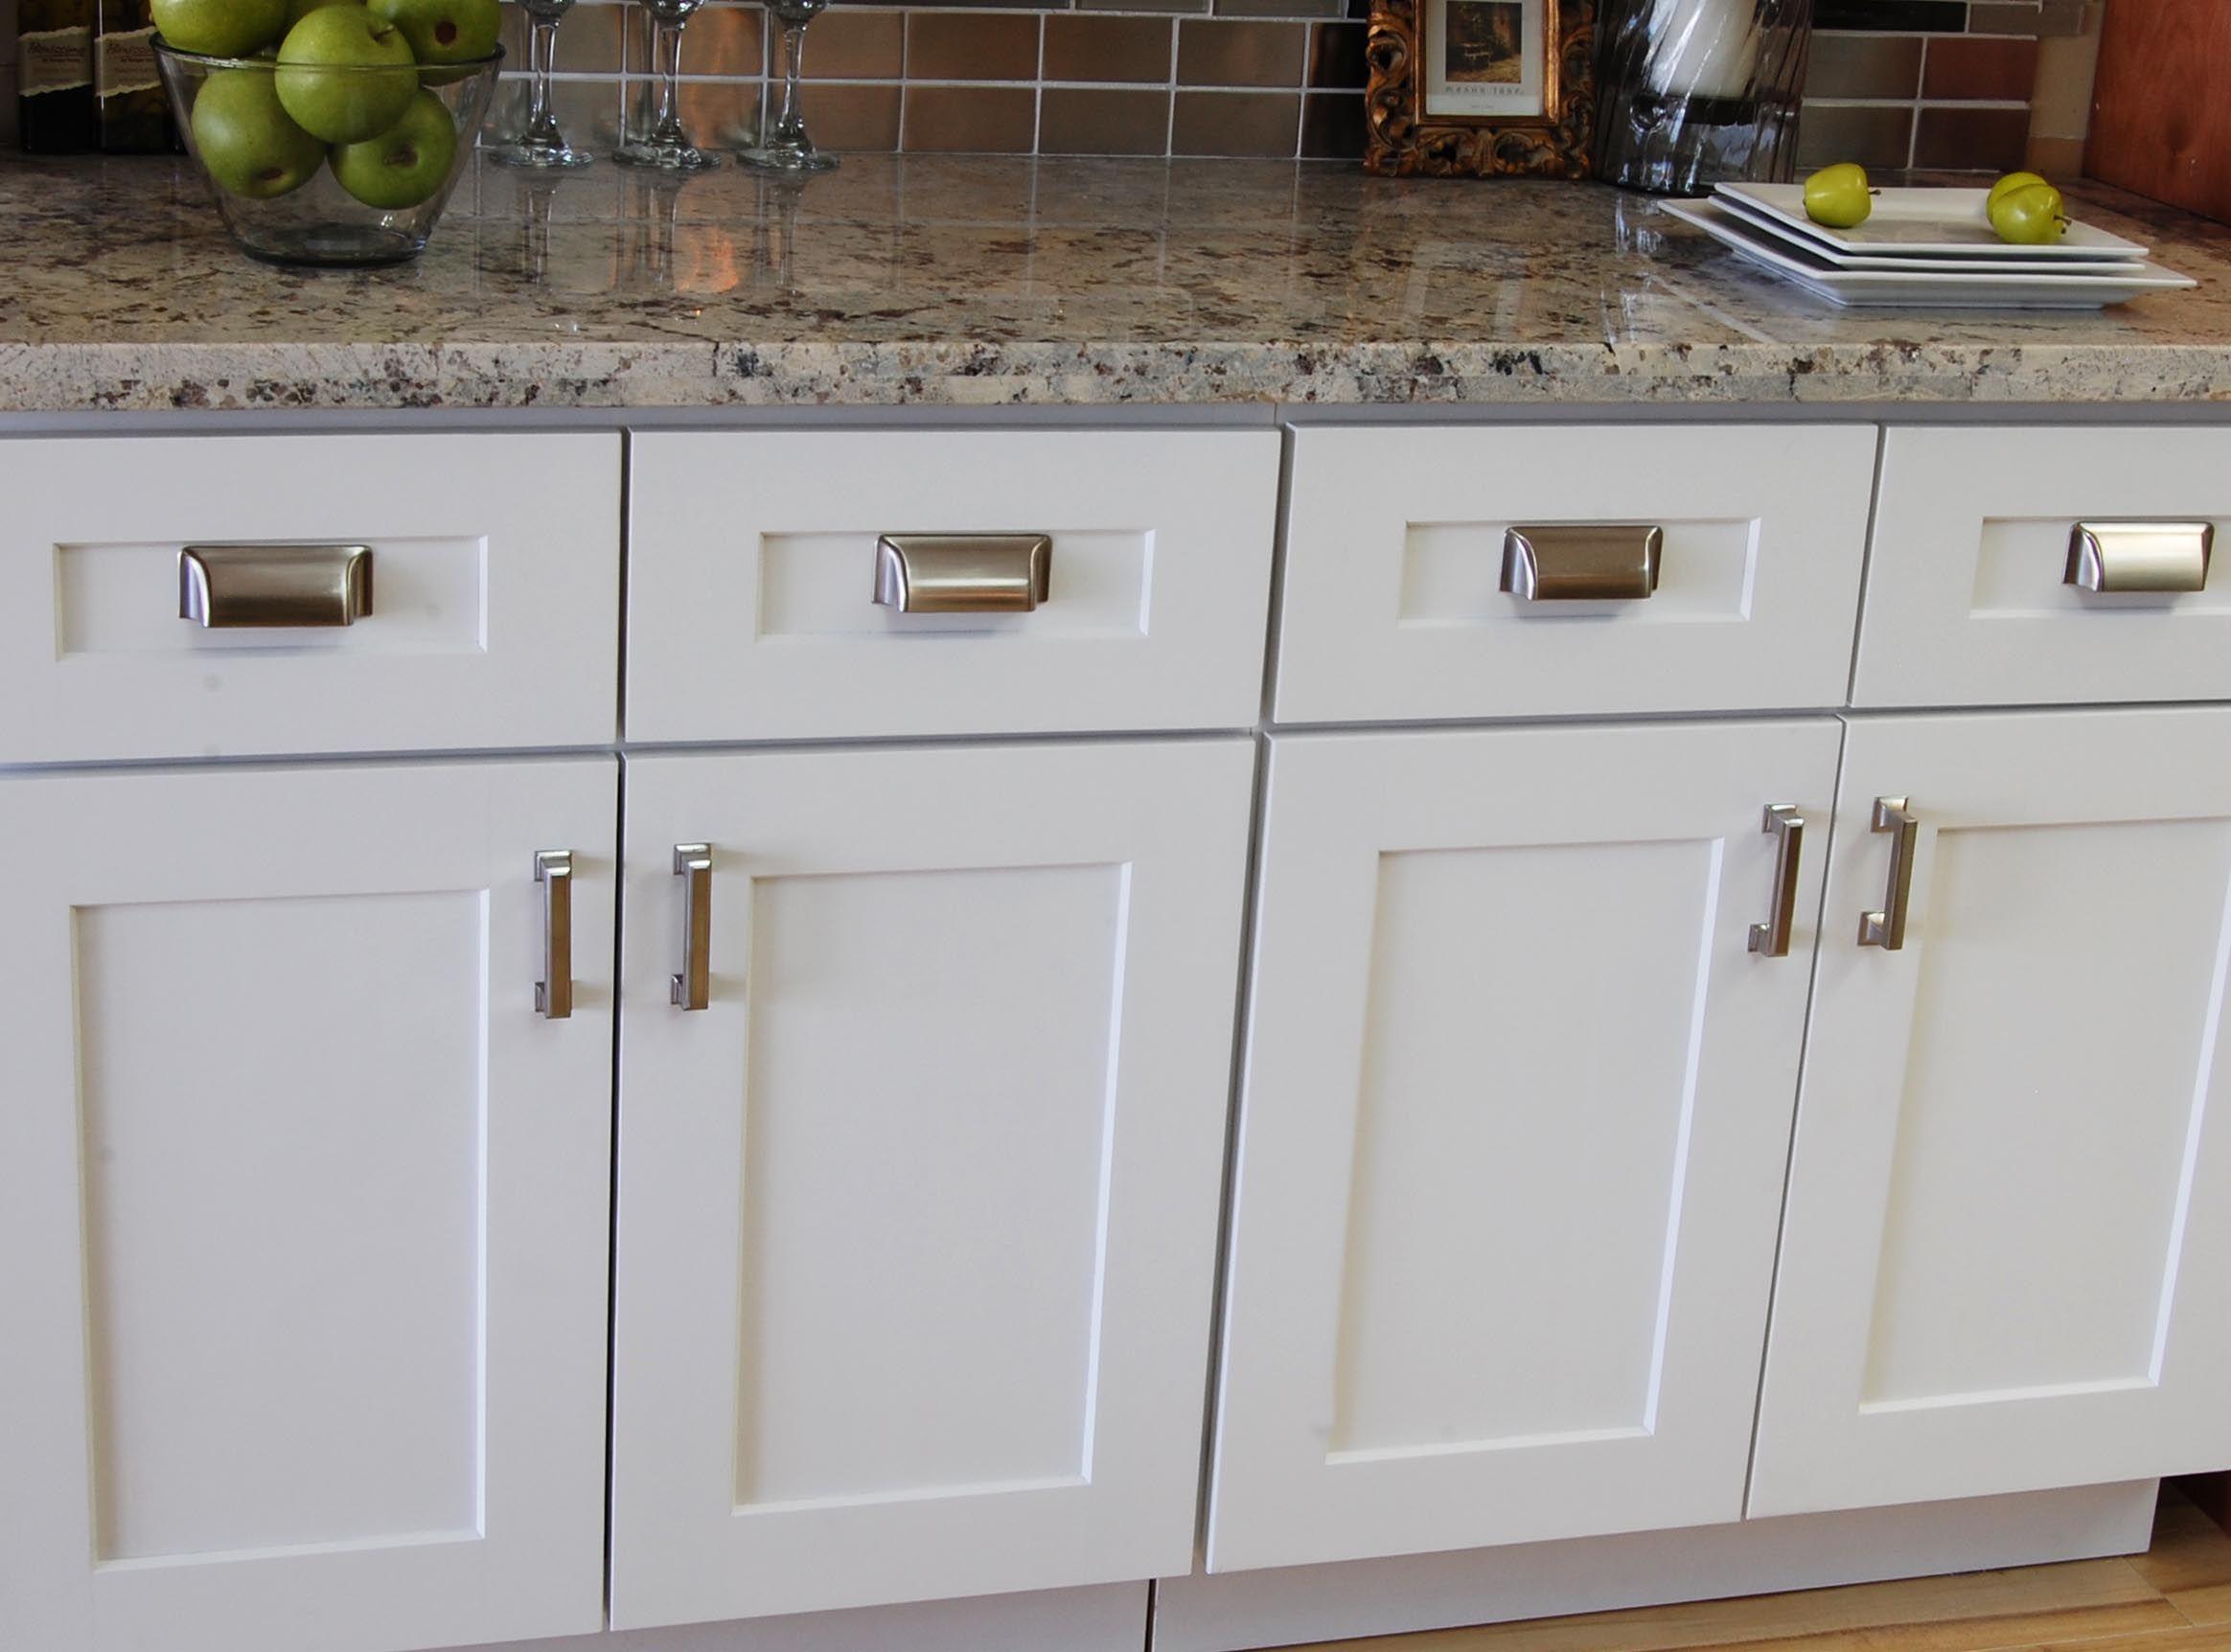 Pin von Küche Deko auf Küche | Pinterest | Arten, Schränkchen und Türen